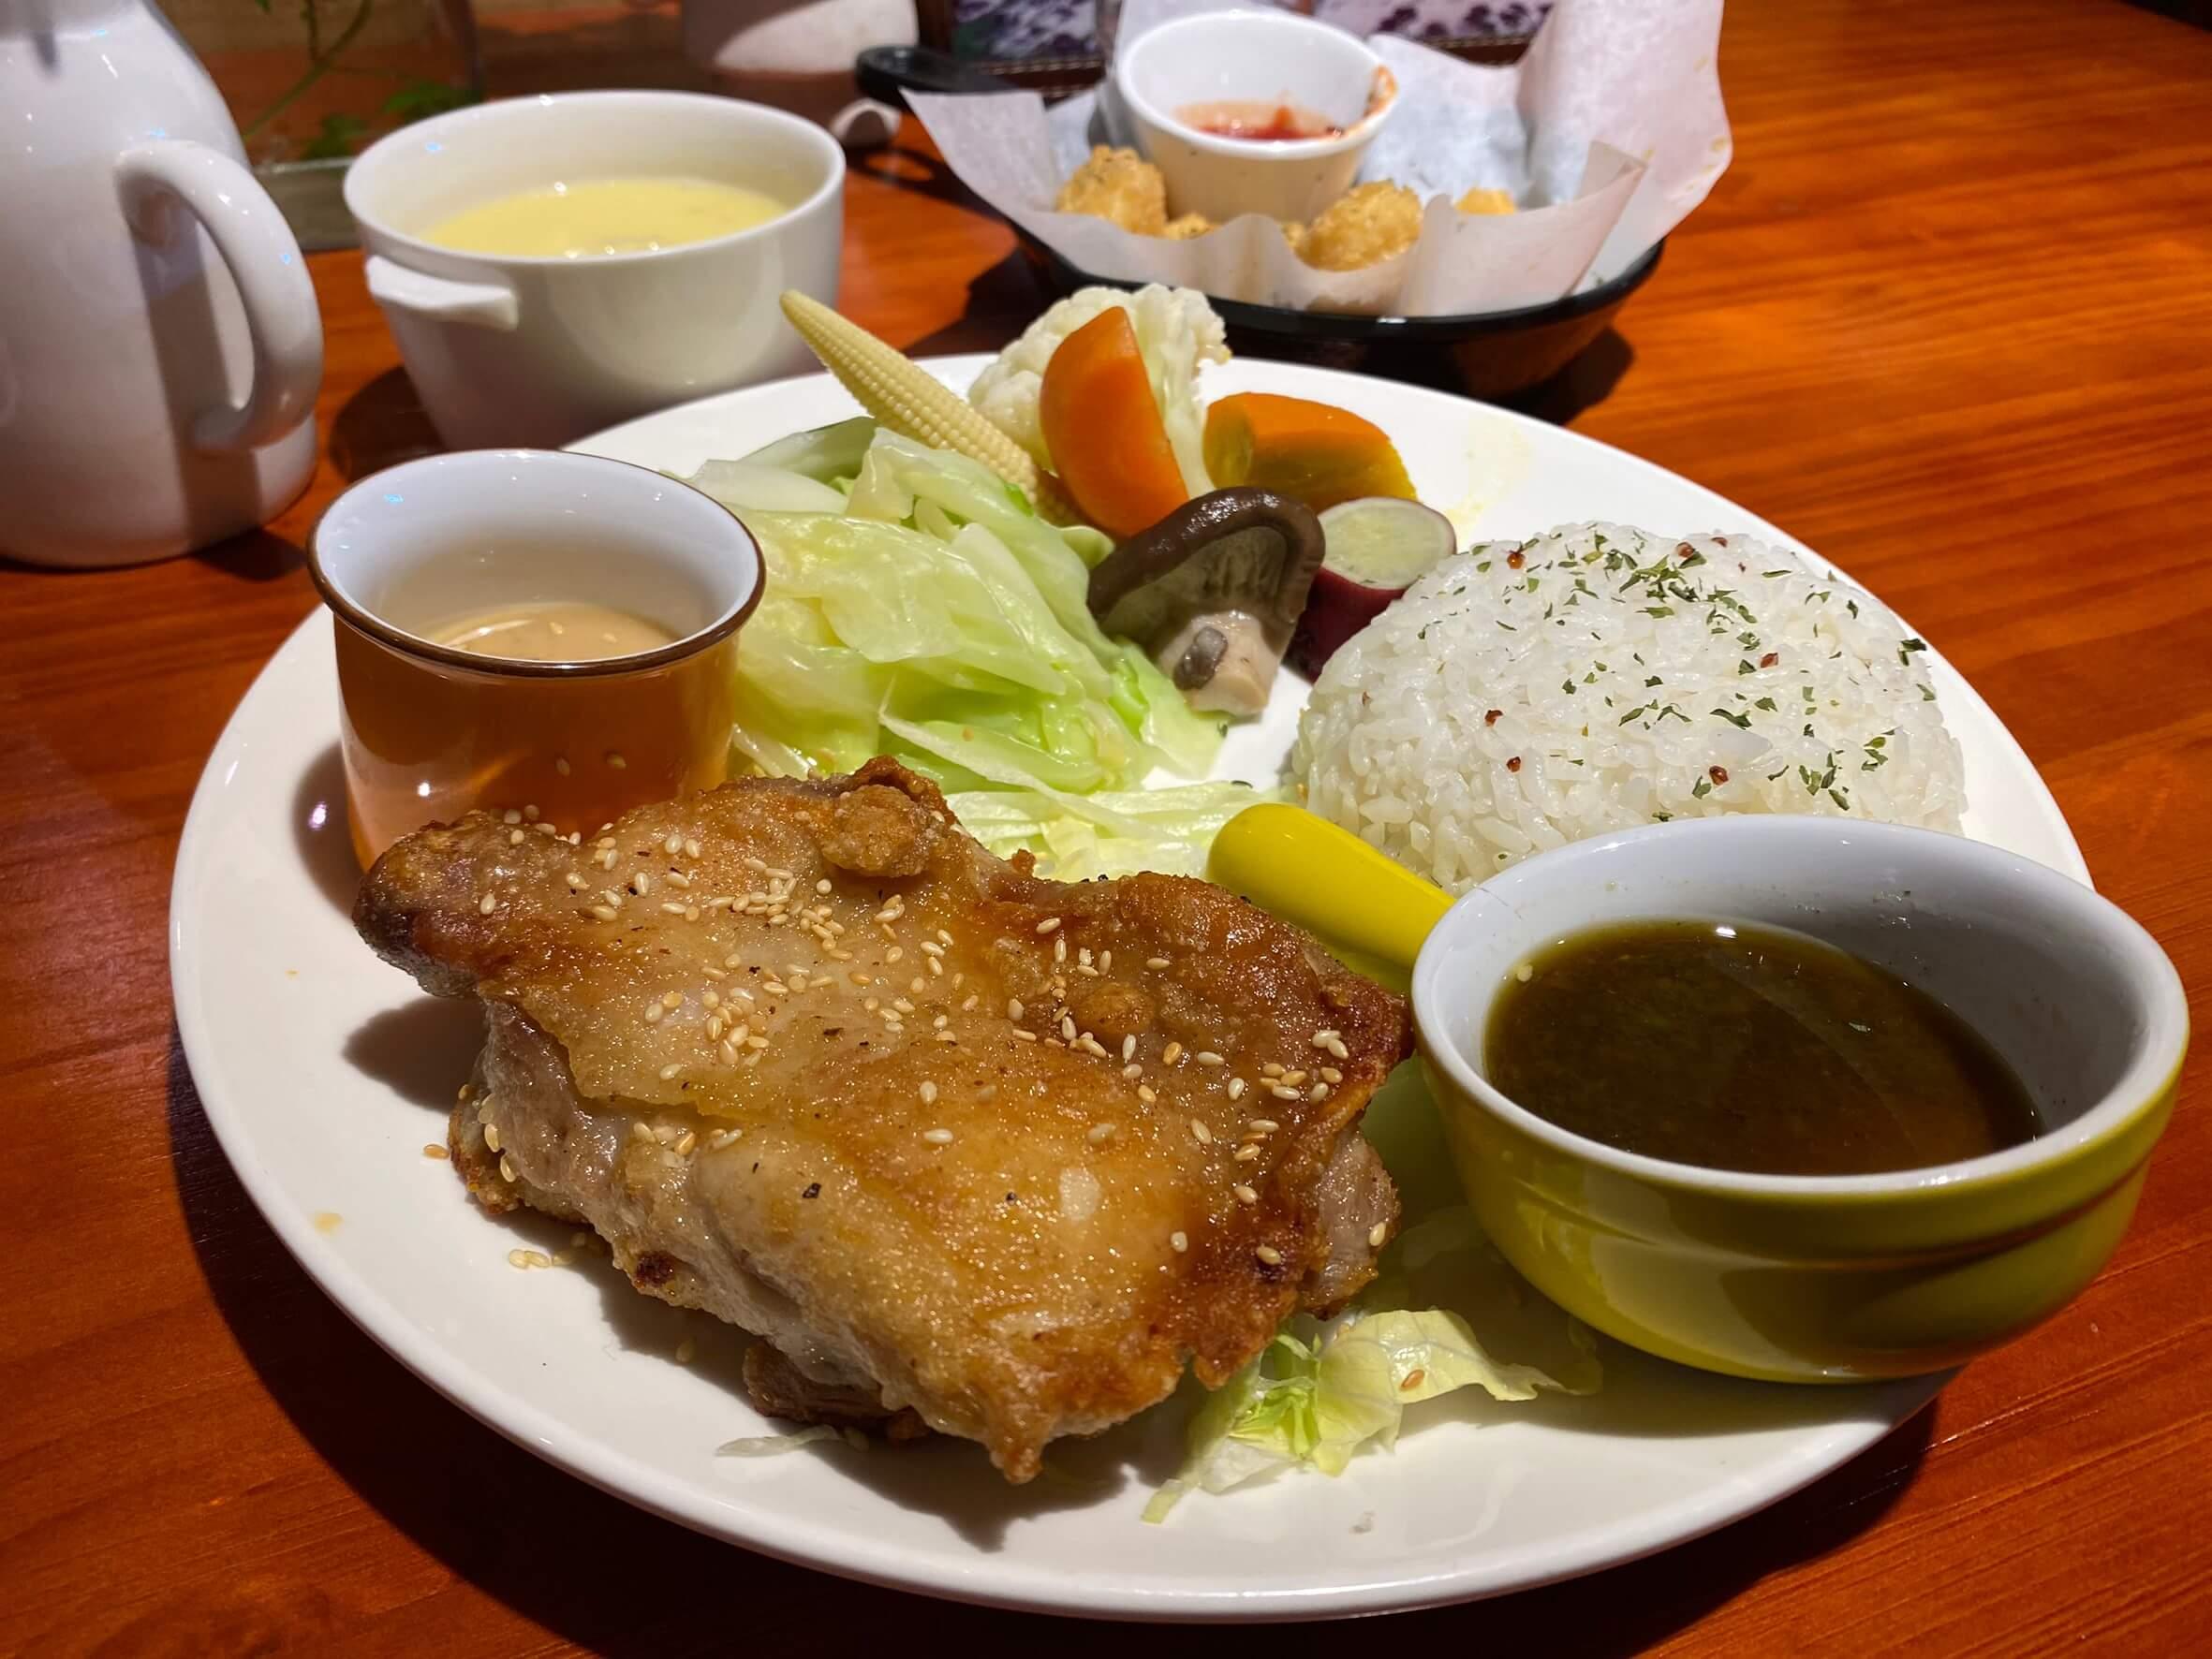 桃園景觀餐廳|丸山咖啡/ 復興區景觀餐廳 / 泰式椒麻雞